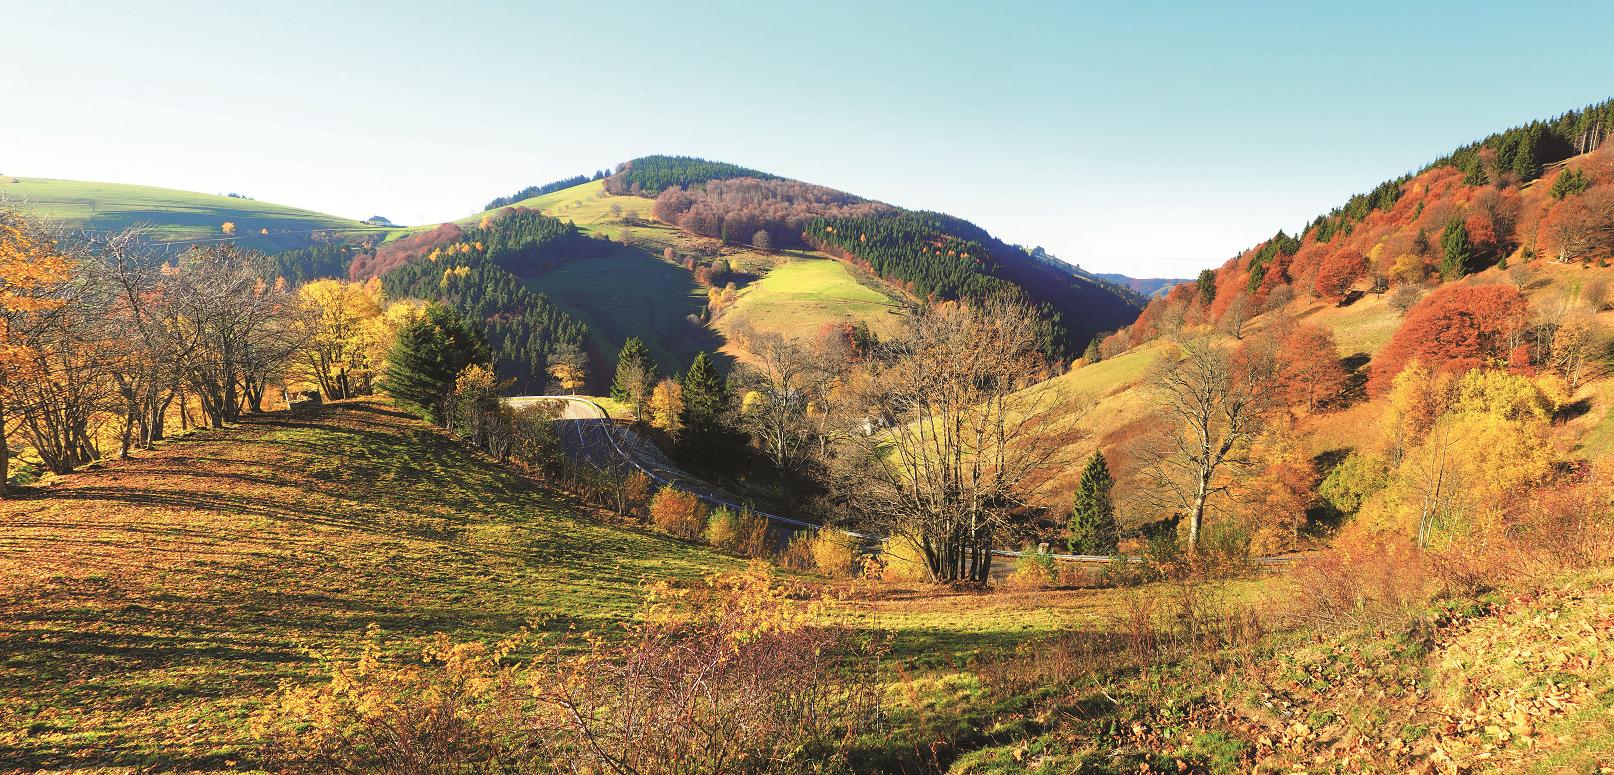 Das Bild zeigt eine hügelige Landschaft mit Wiesen, Hecken, Baumgruppen und Waldflächen im herbstlichen Licht.